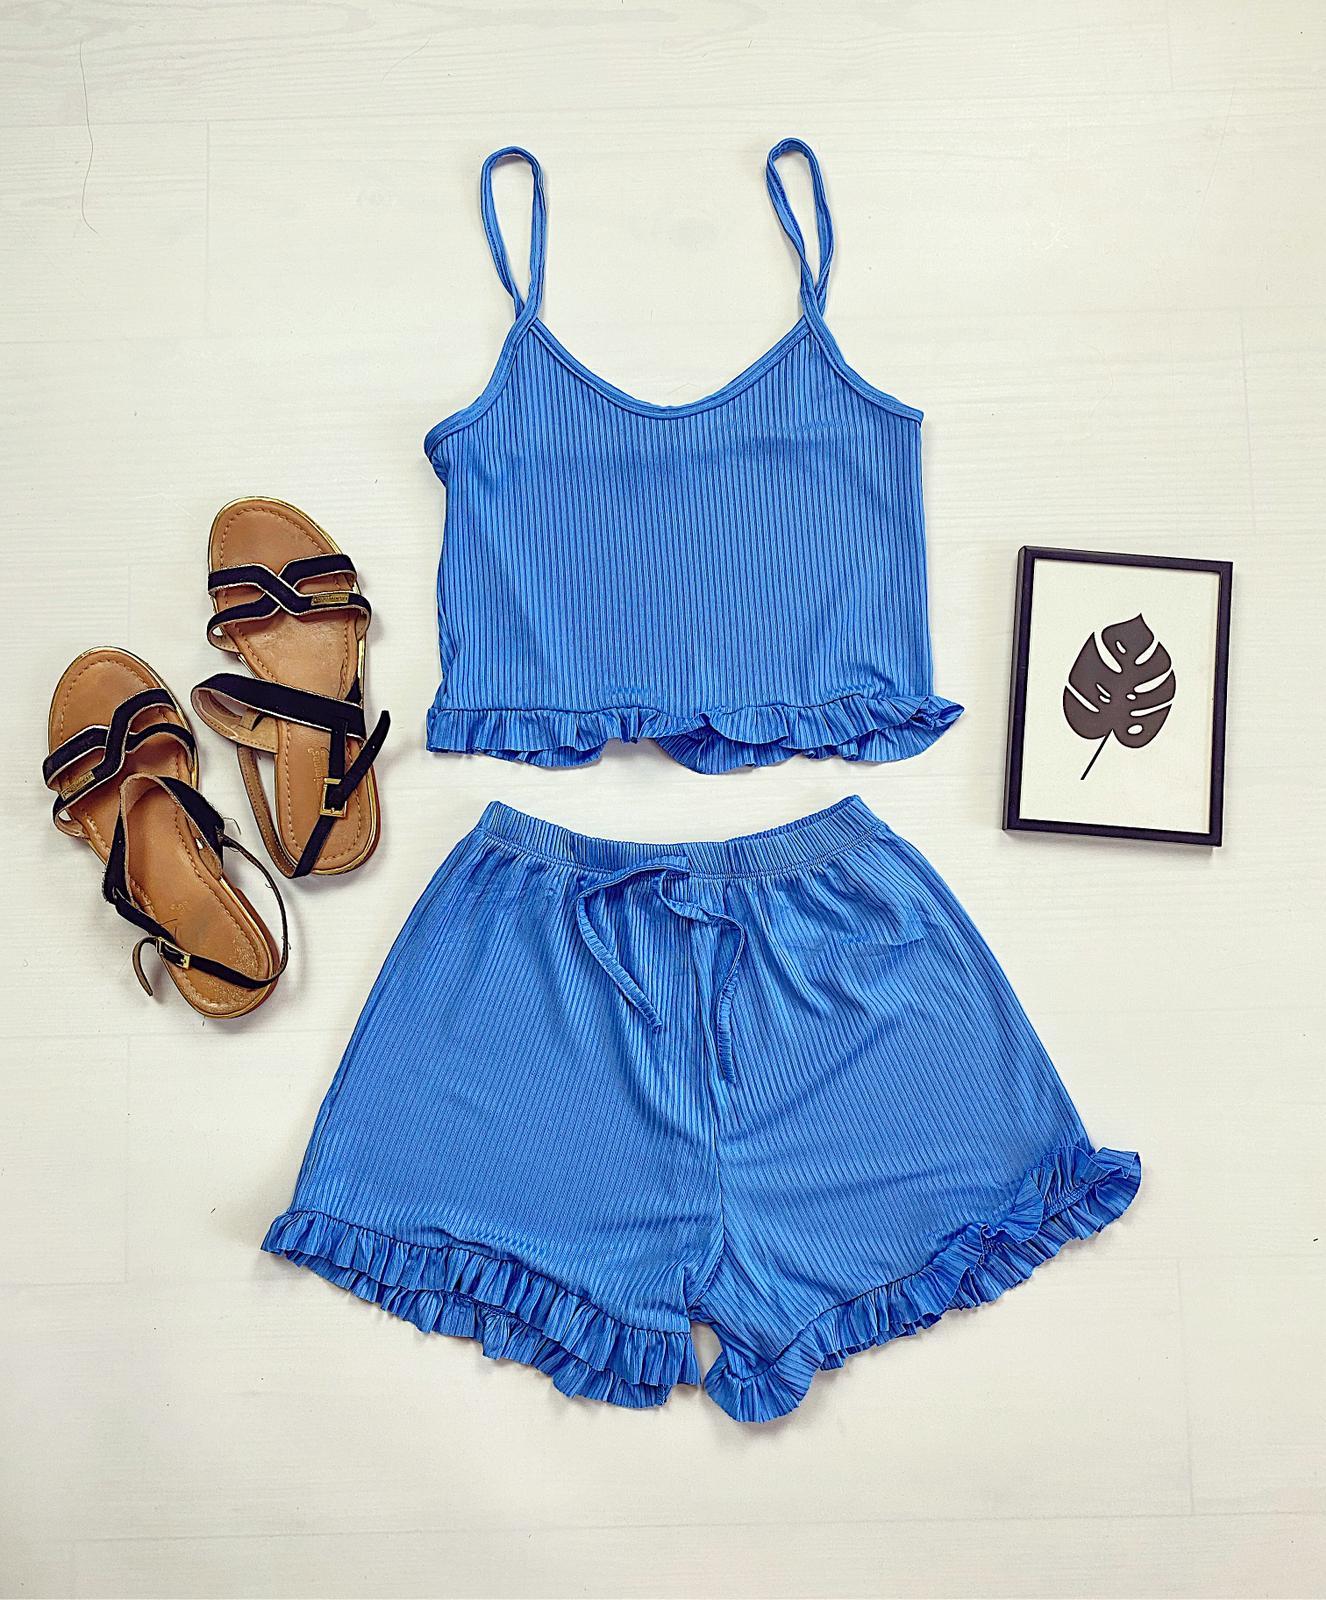 Pijama dama scurta albastra cu volanase